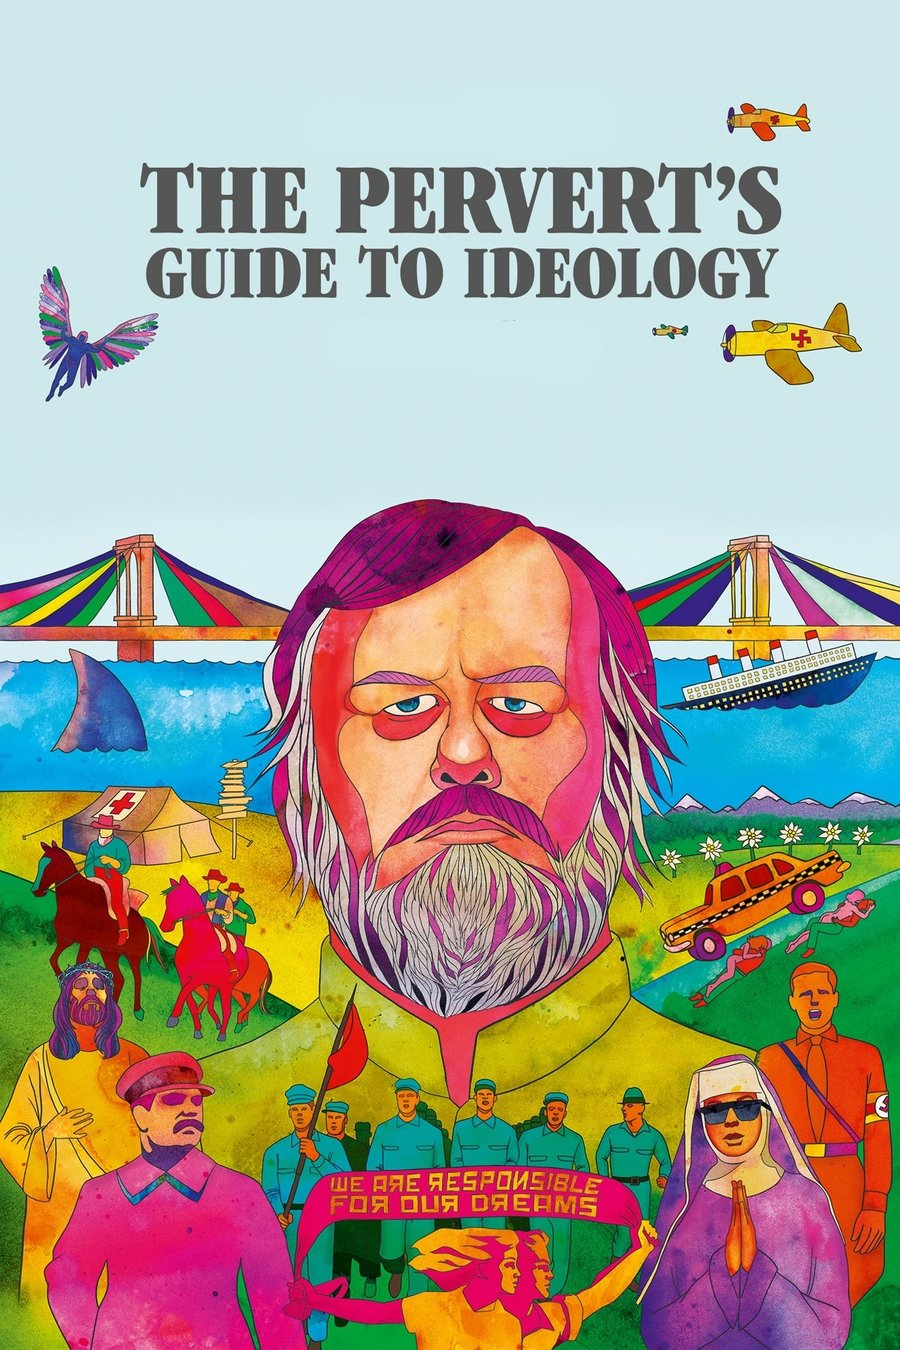 Guía ideológica para pervertidos